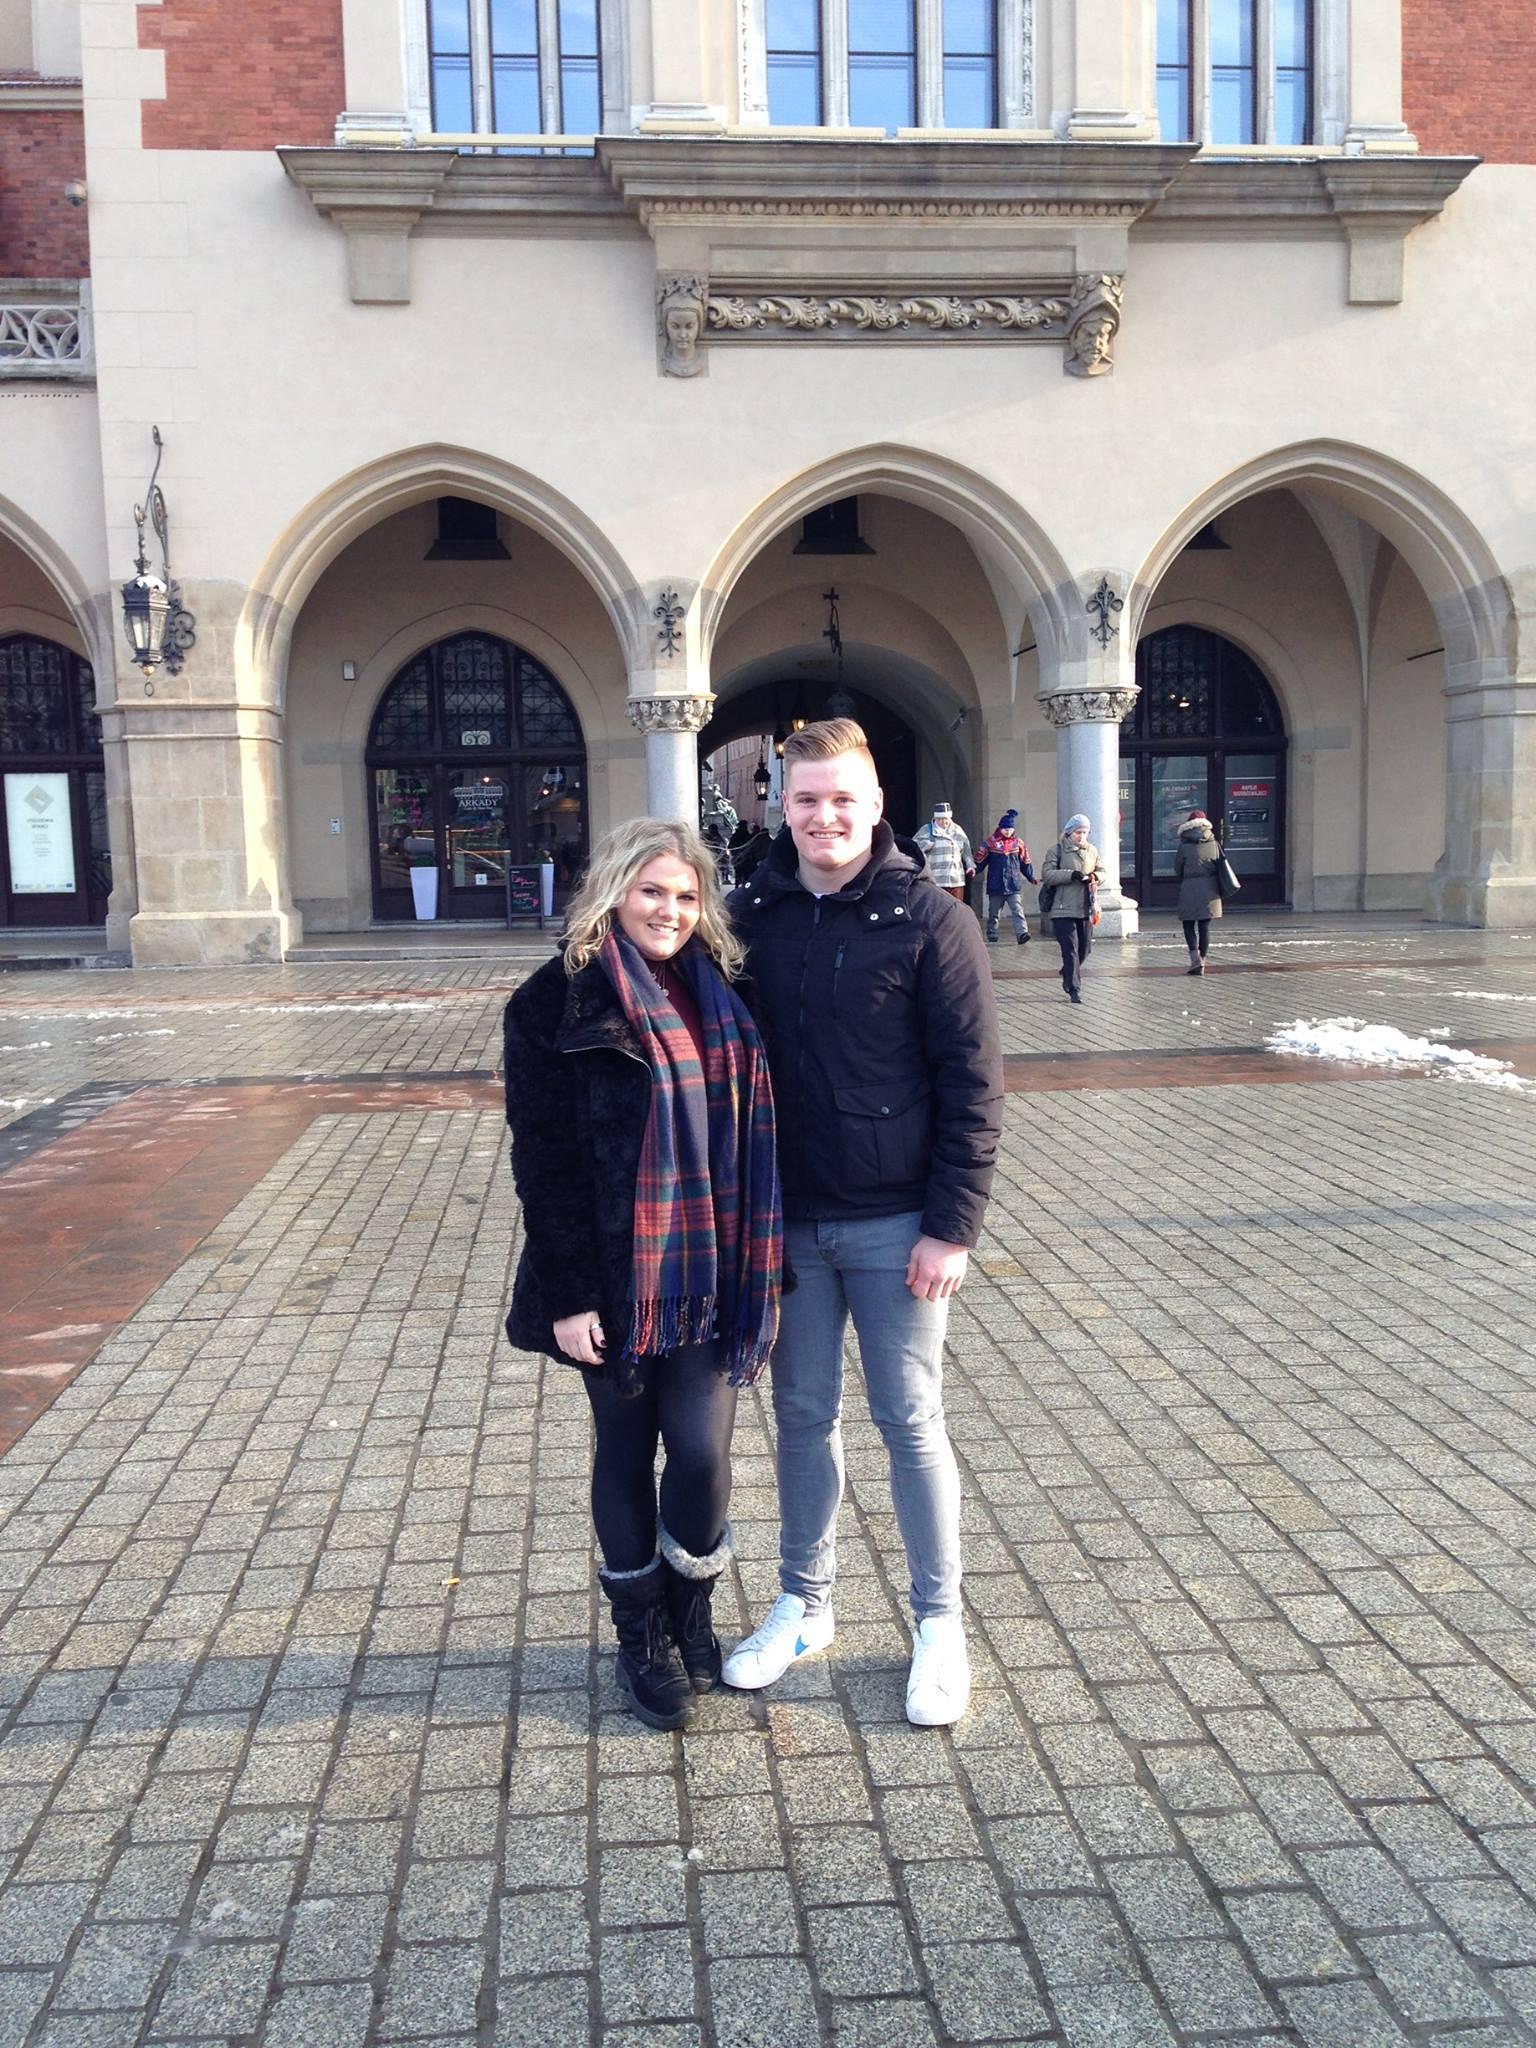 Main-Square-Poland-Couple